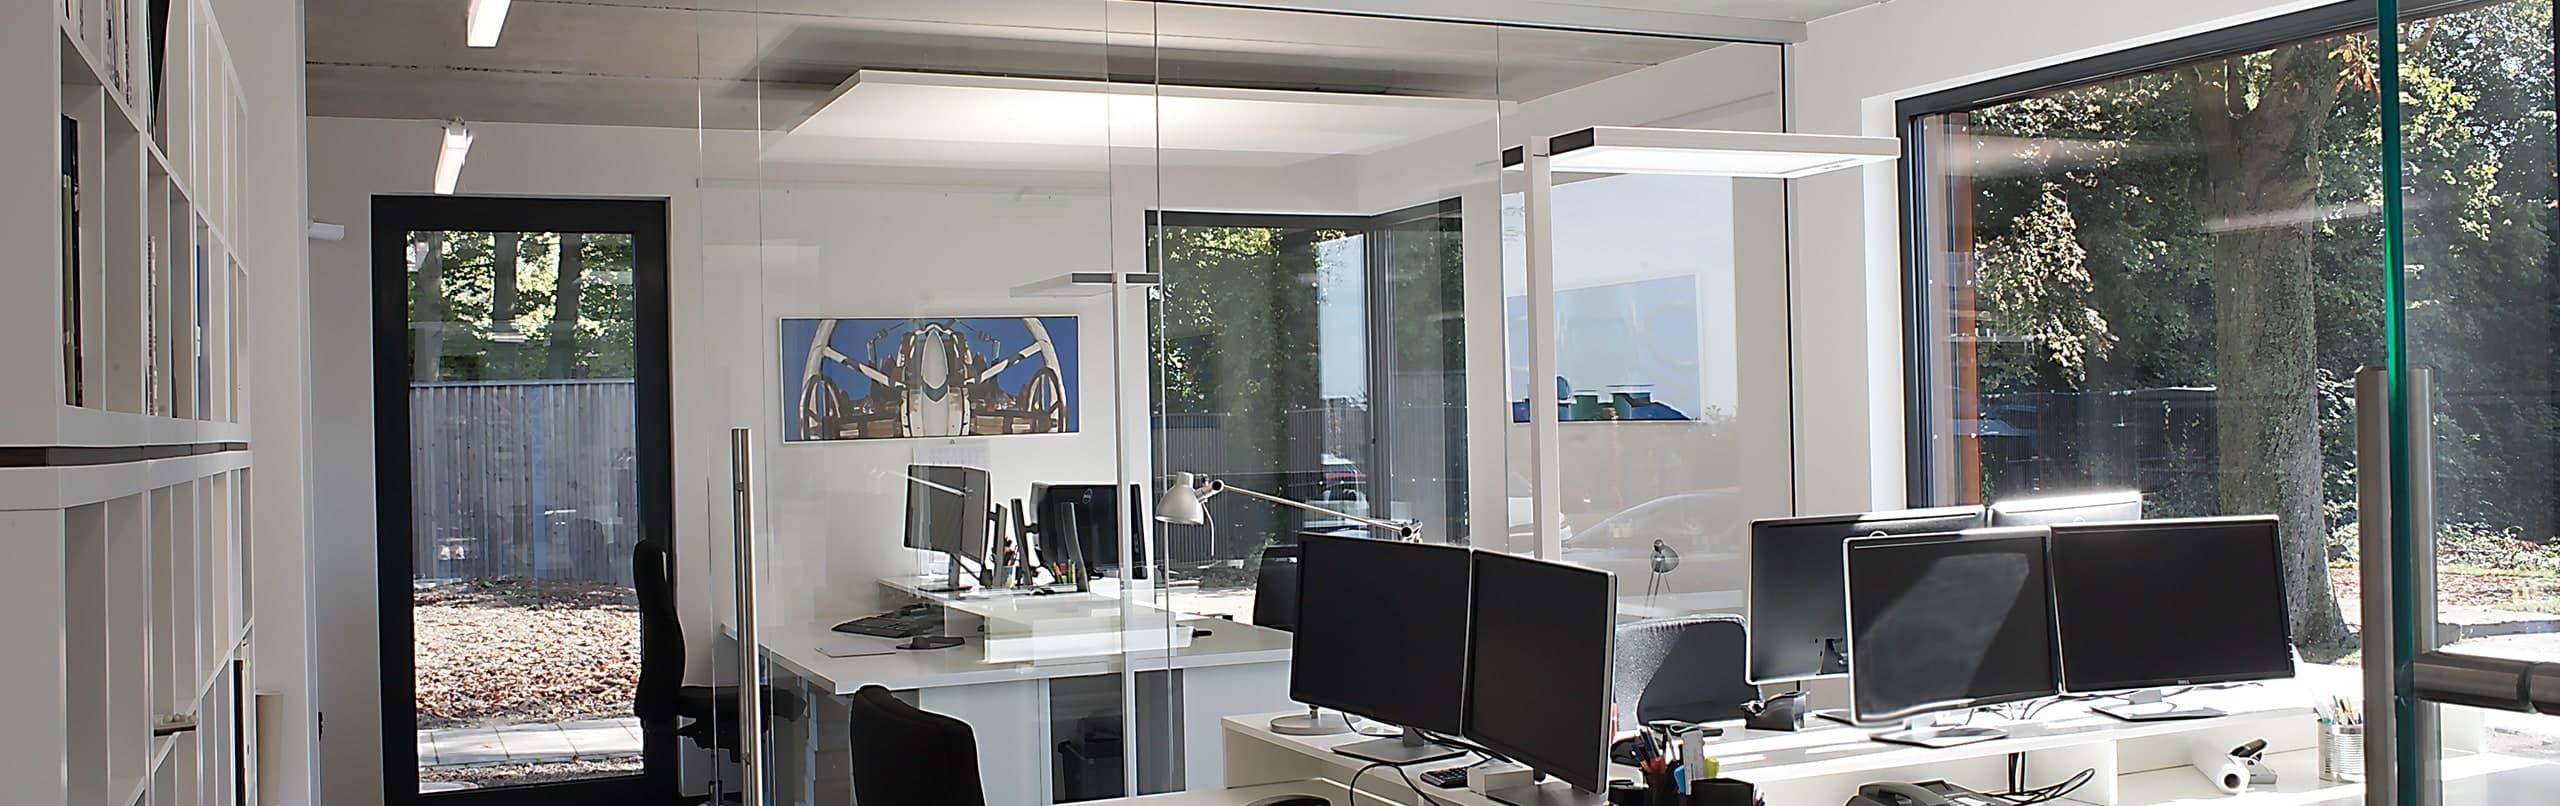 Innenraum eines Büros von ISR Haan